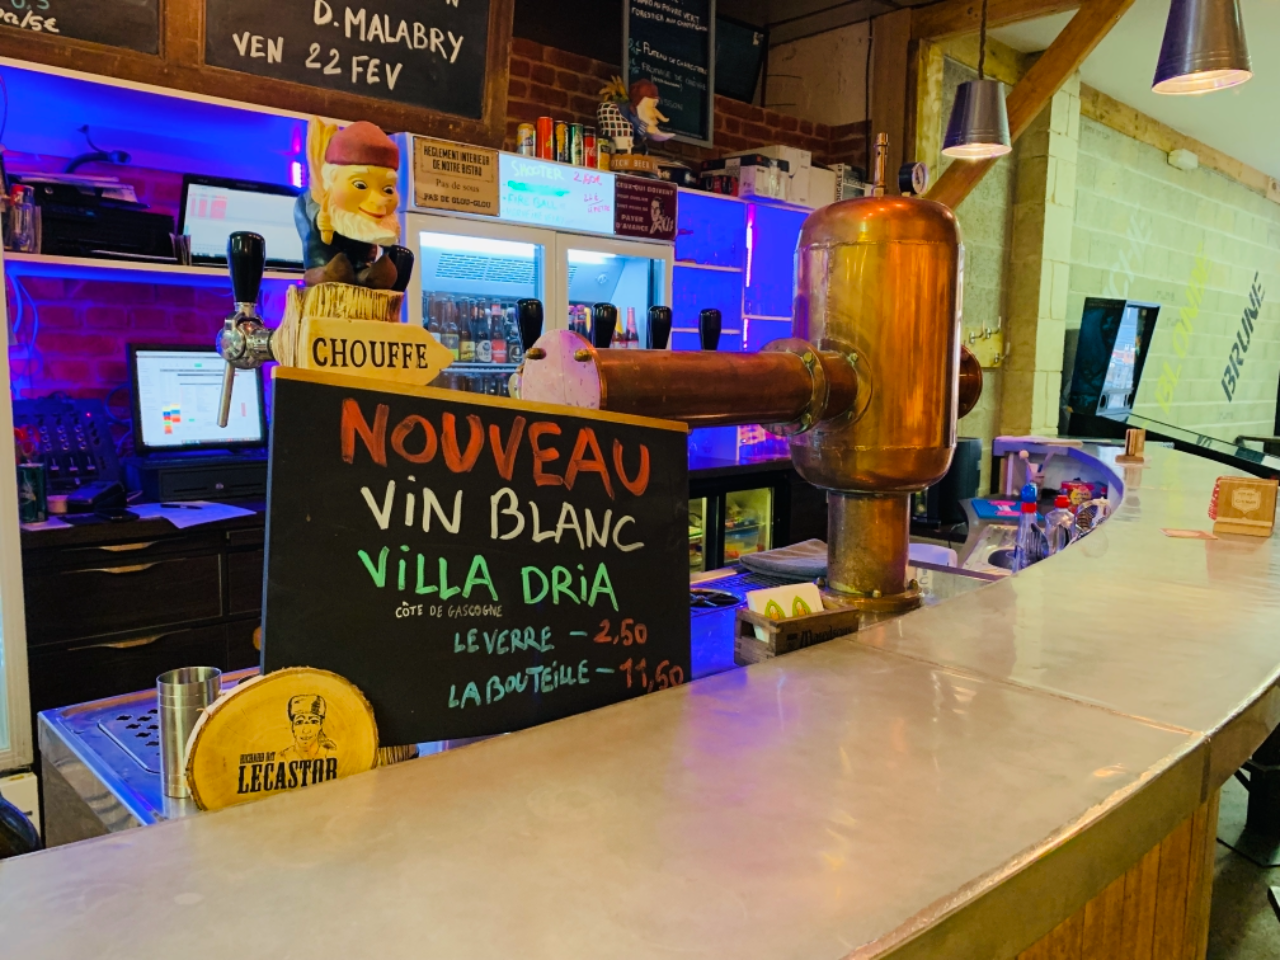 Photo 2: Bar à bières La Chopine, une ambiance au top !